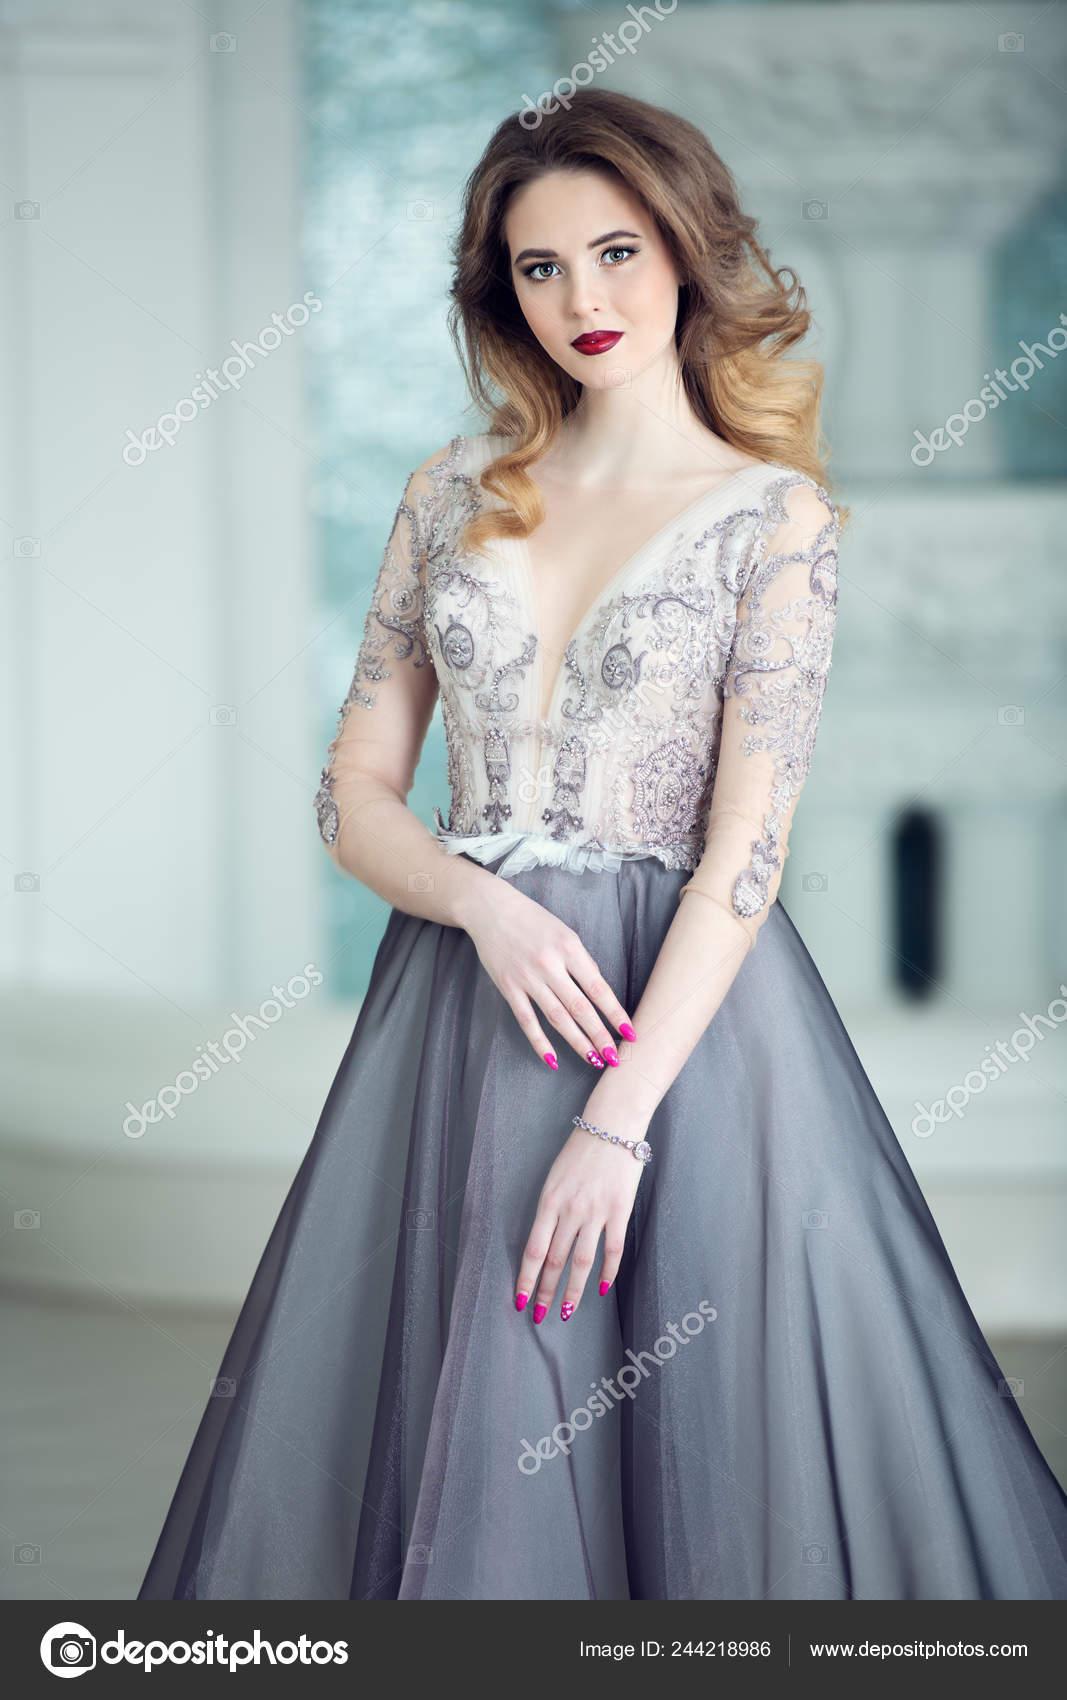 Retrato Una Hermosa Mujer Elegante Vestido Noche Moda